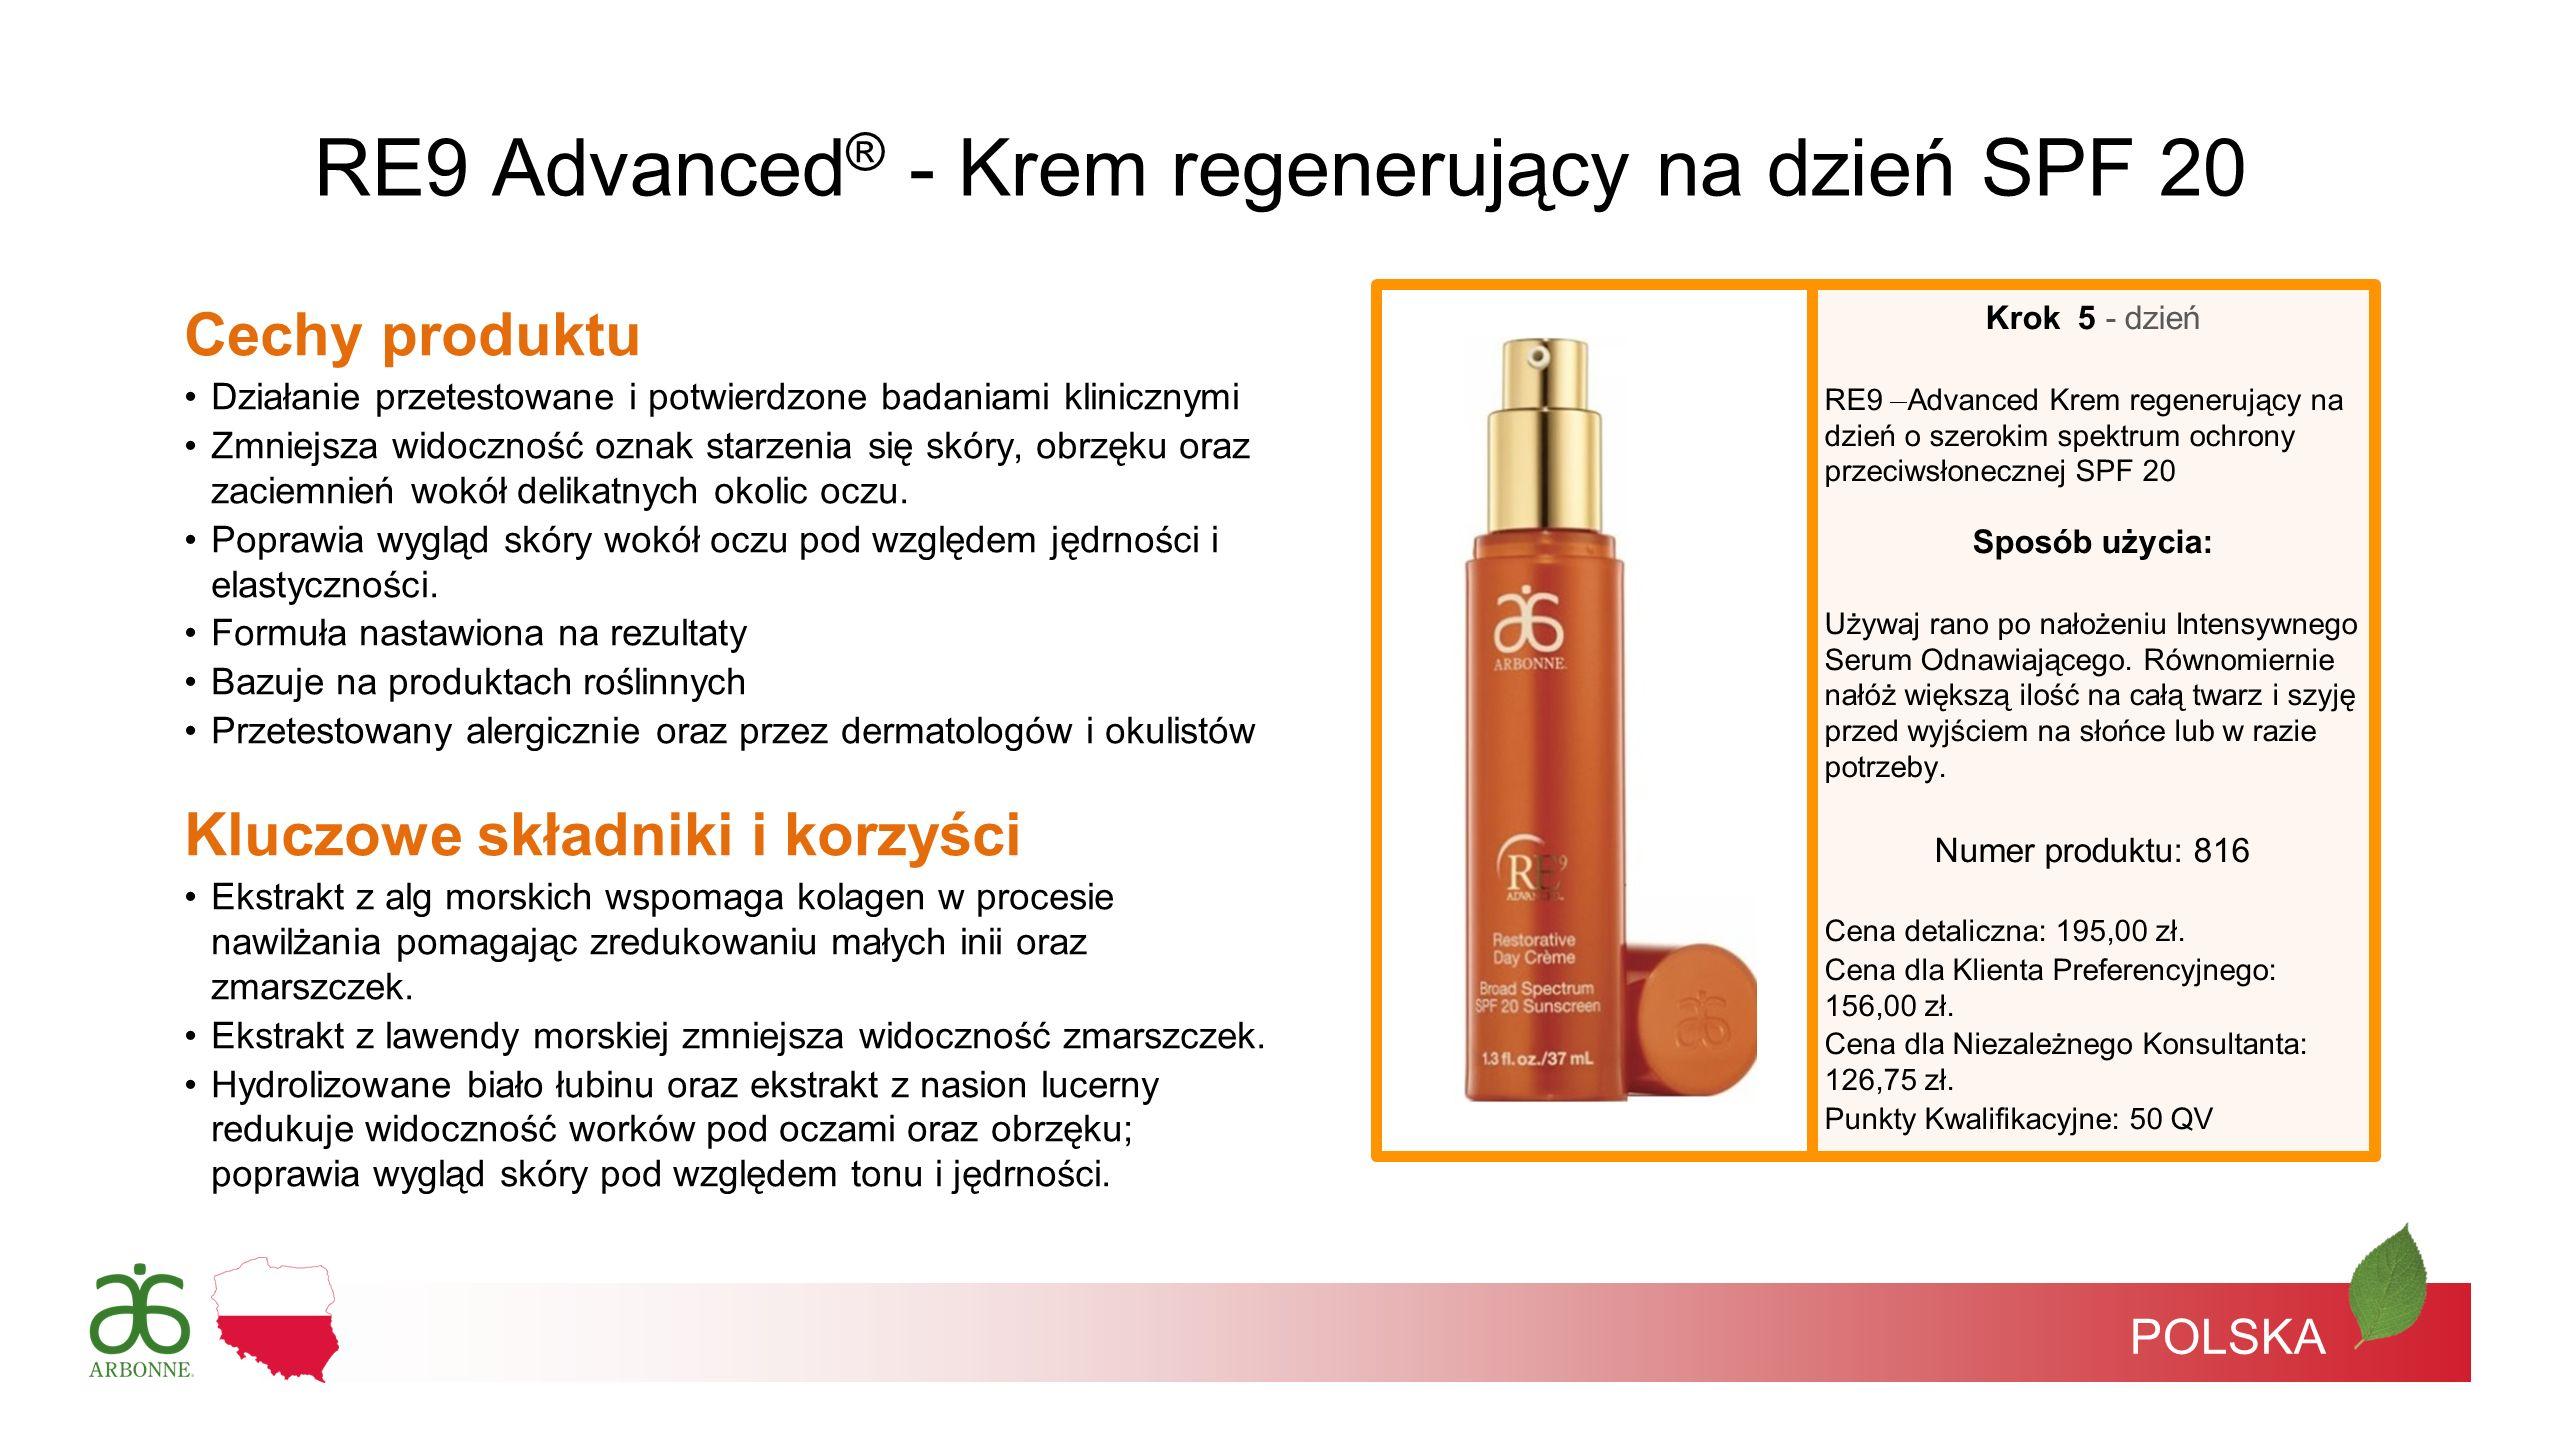 RE9 Advanced® - Krem regenerujący na dzień SPF 20